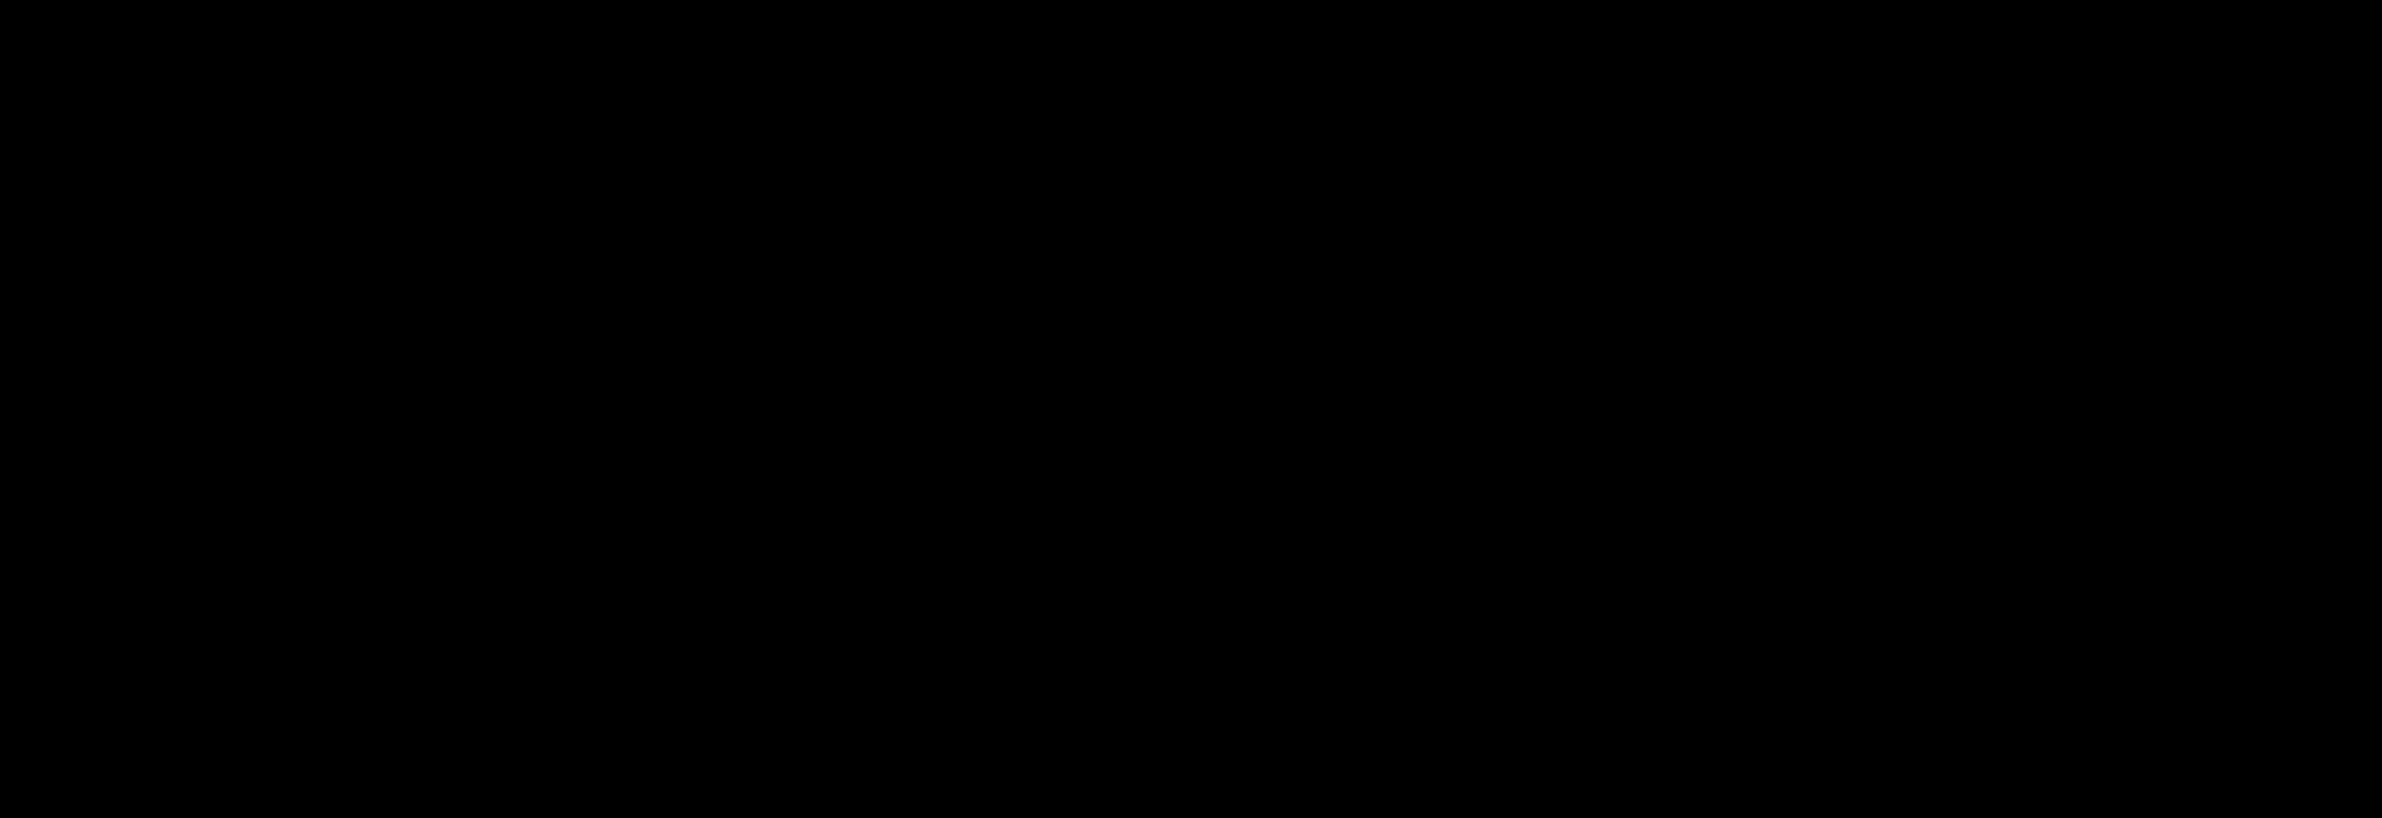 Biotin-PEG3-azide